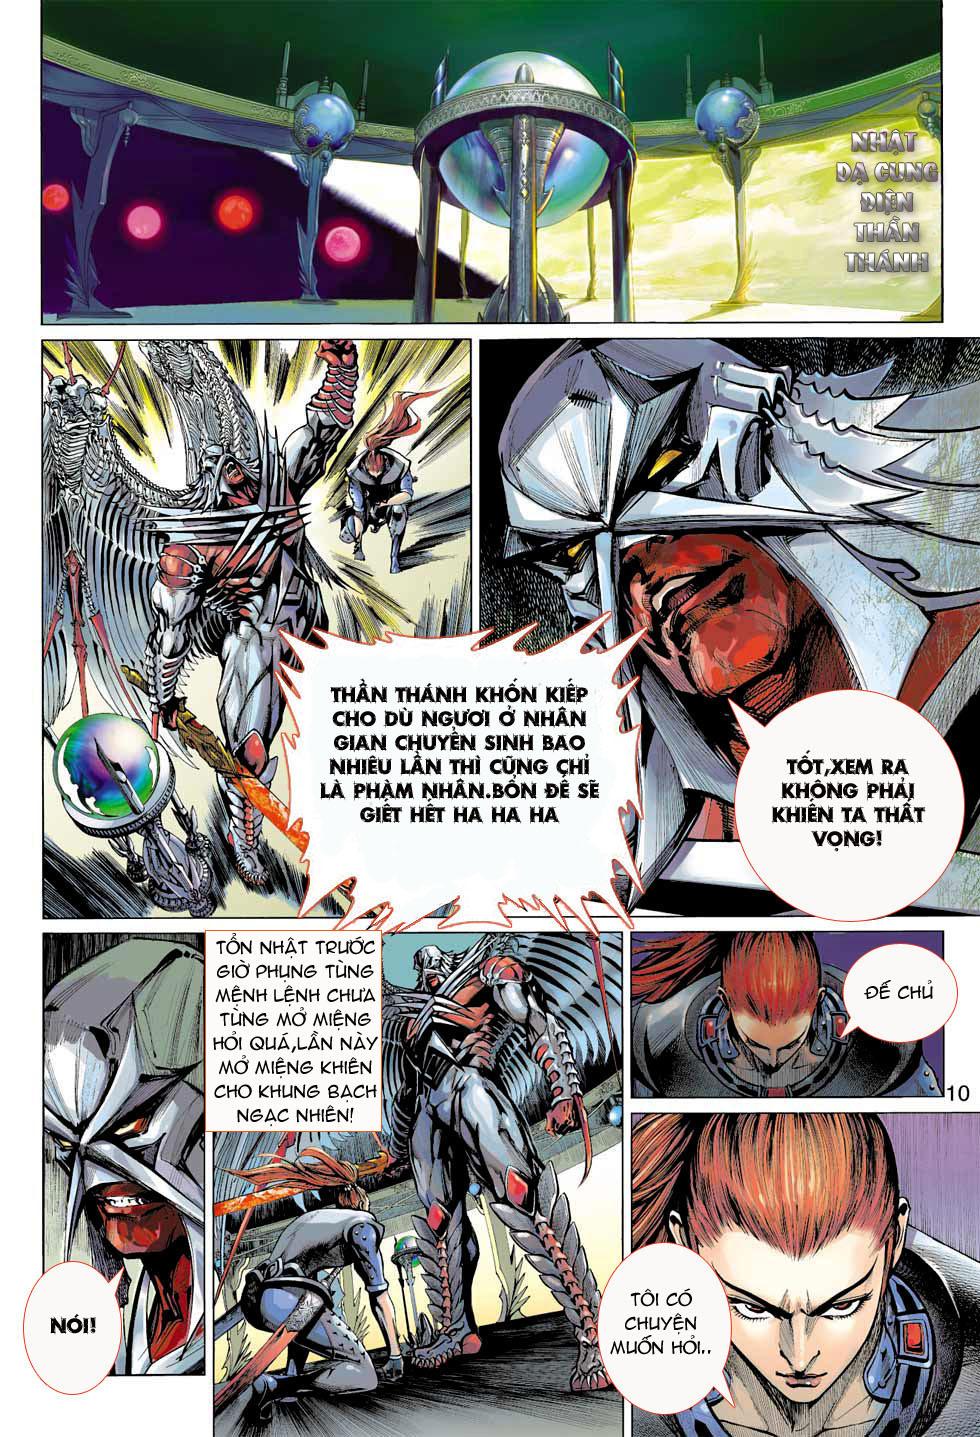 Thần Binh 4 chap 8 - Trang 10